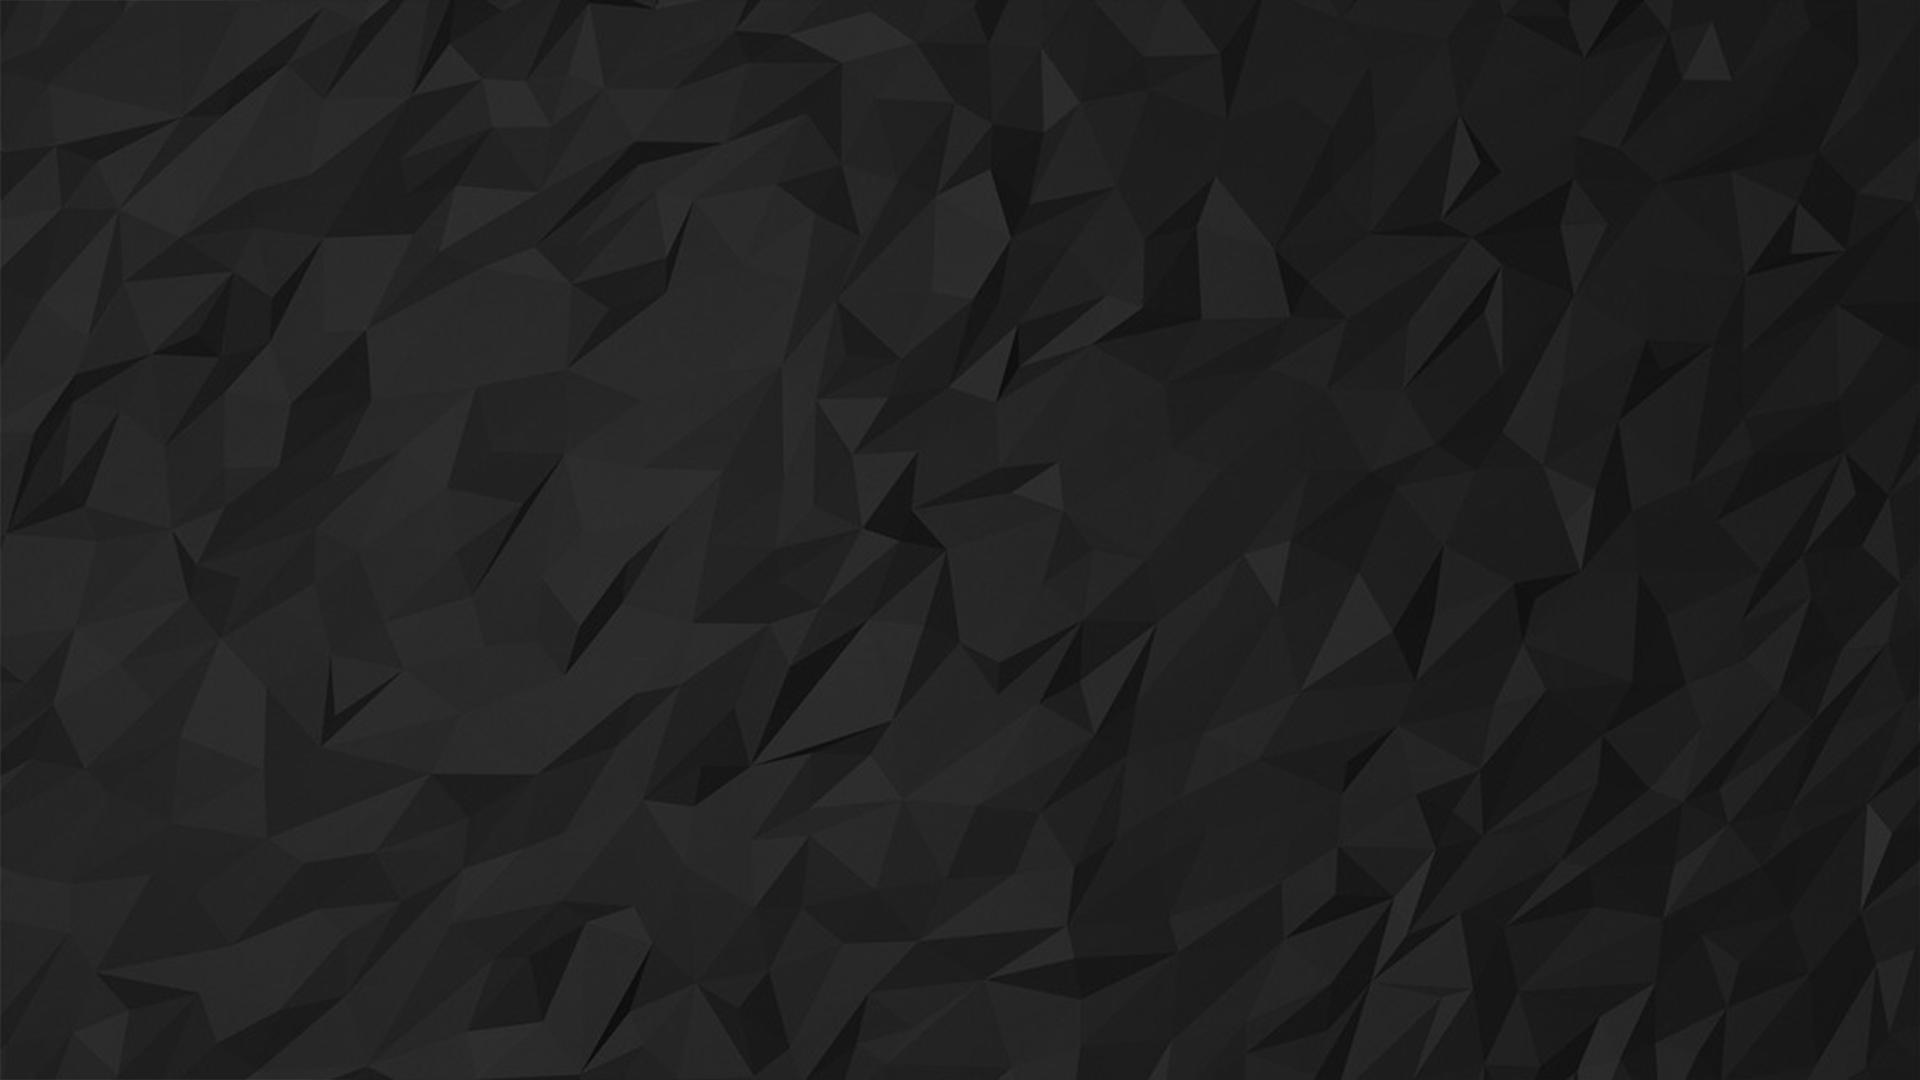 genie climatique PACA-climatisation professionnelle Bouches-du-Rhone-chauffage professionnel Vaucluse-depannage de climatisation Bouches-du-Rhone-installation de climatisation PACA-climatisation industrielle PACA